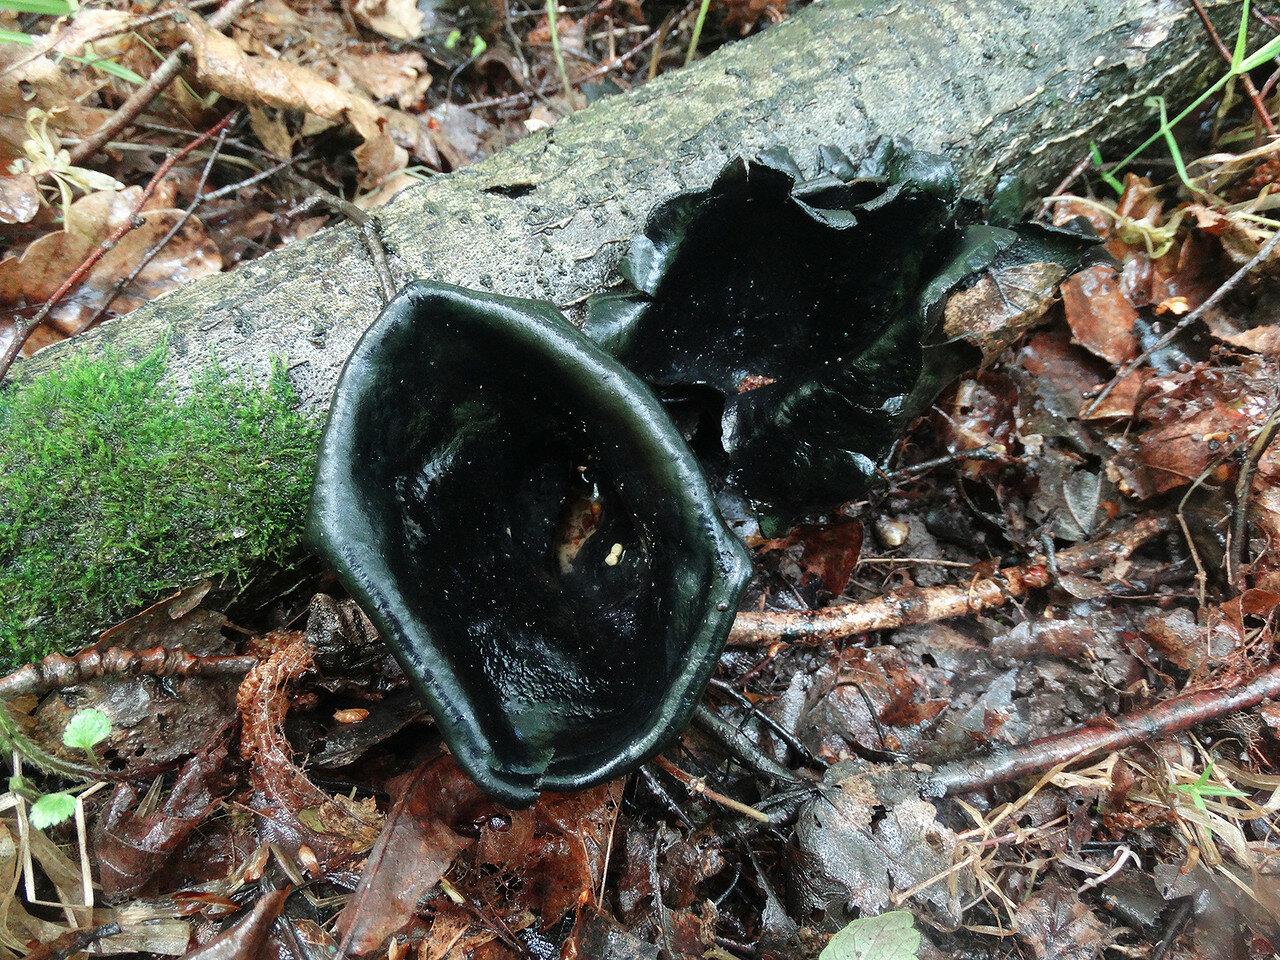 Урнула бокаловидная (Urnula craterium). Автор фото: Привалова Марина